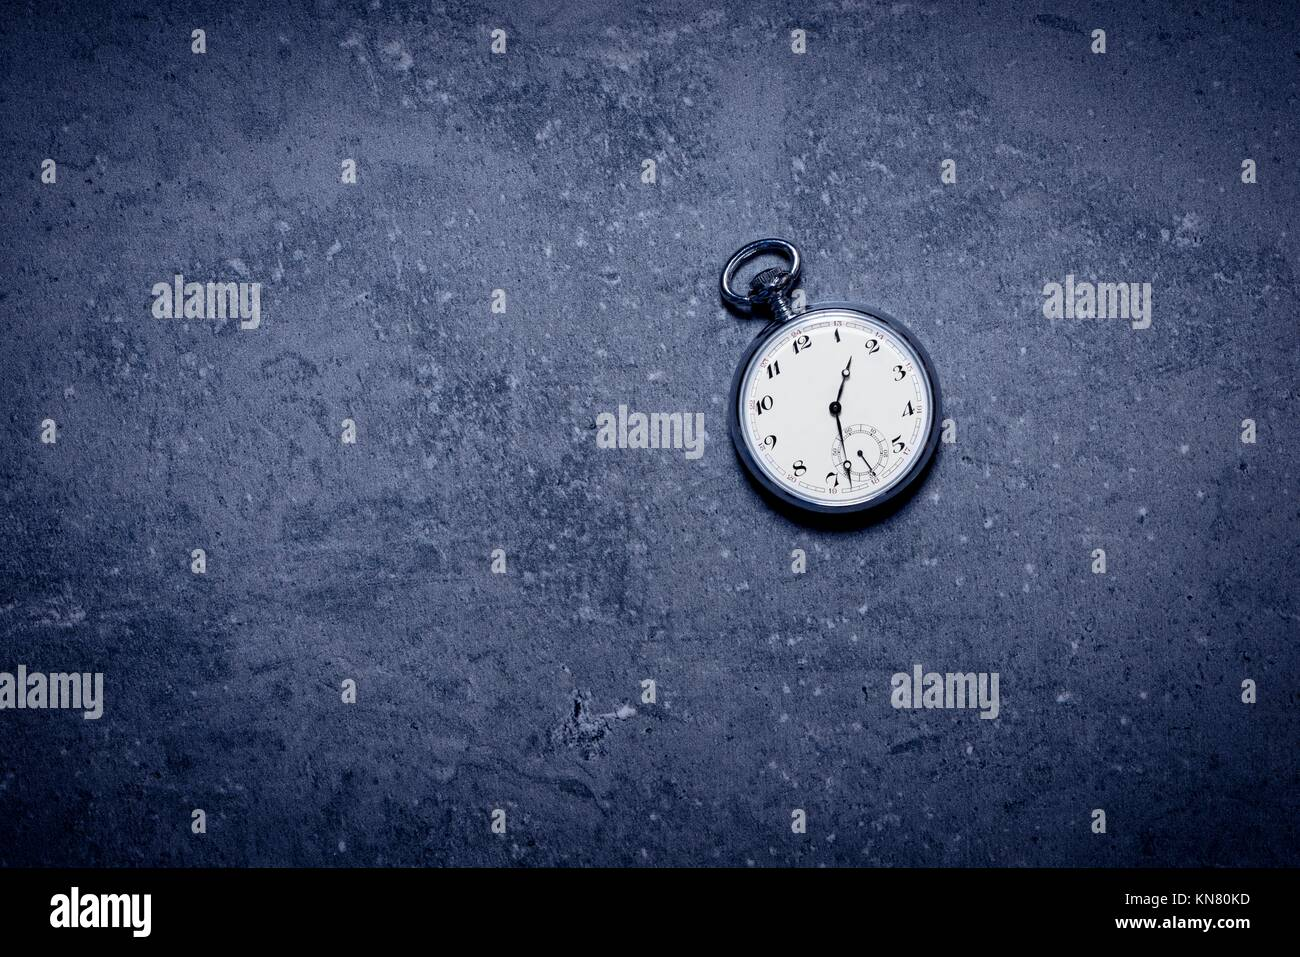 Alte Taschenuhr auf steinernen Tisch in der Dunkelheit. Symbol der Zeit-, Termin- und Nostalgie. Stockbild